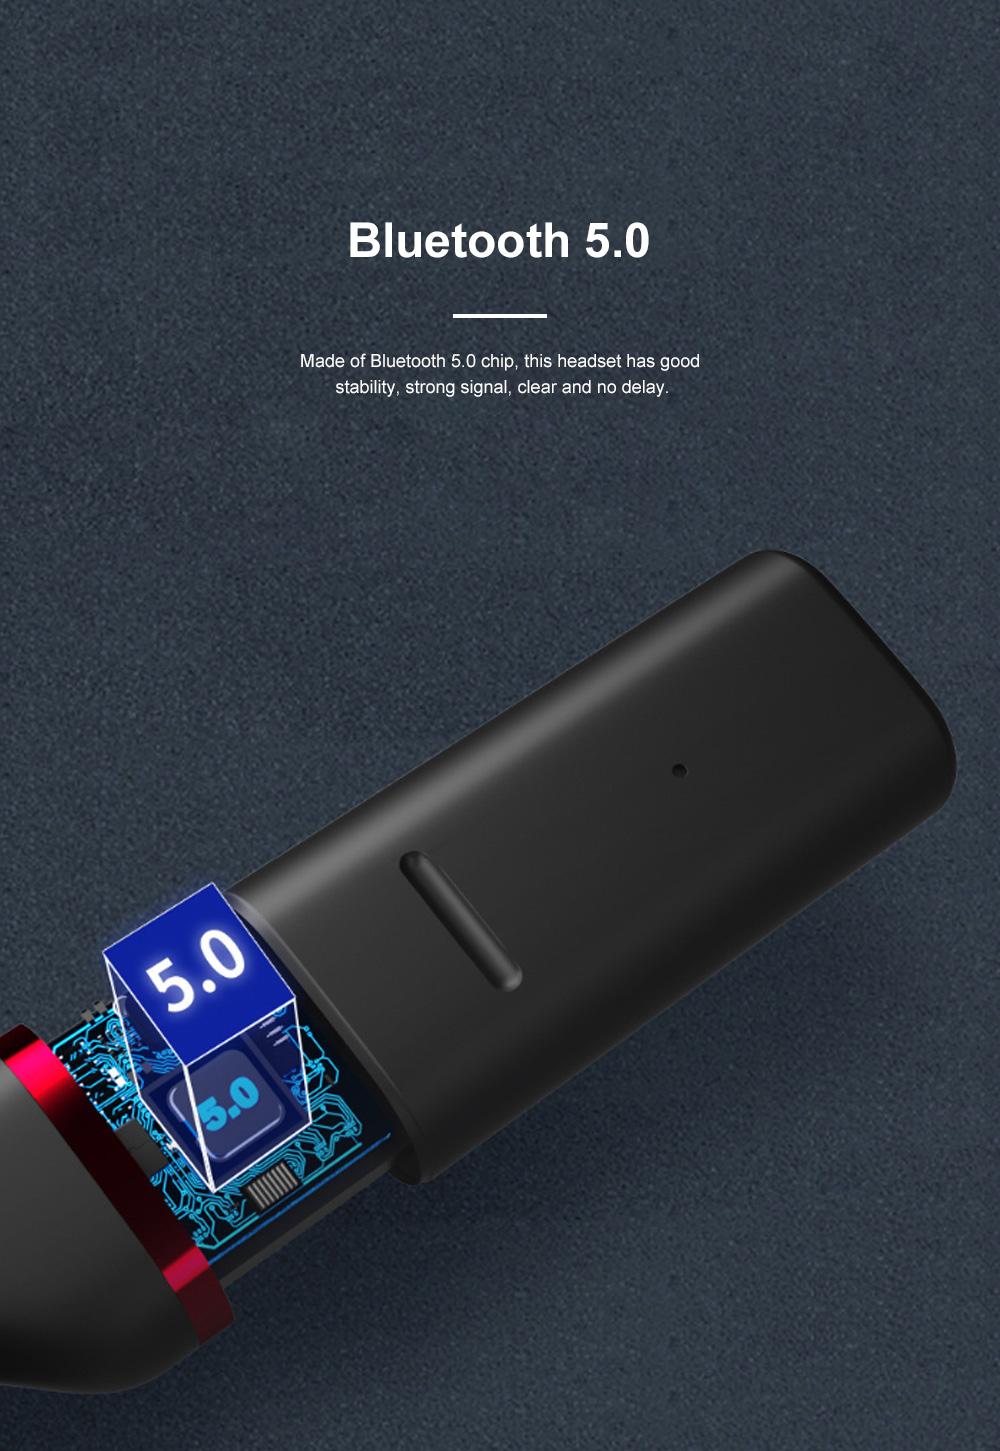 New Earhook TWS Bluetooth Headset Wireless 5.0 Ear-mounted Touch Headset Sport Earphone 5